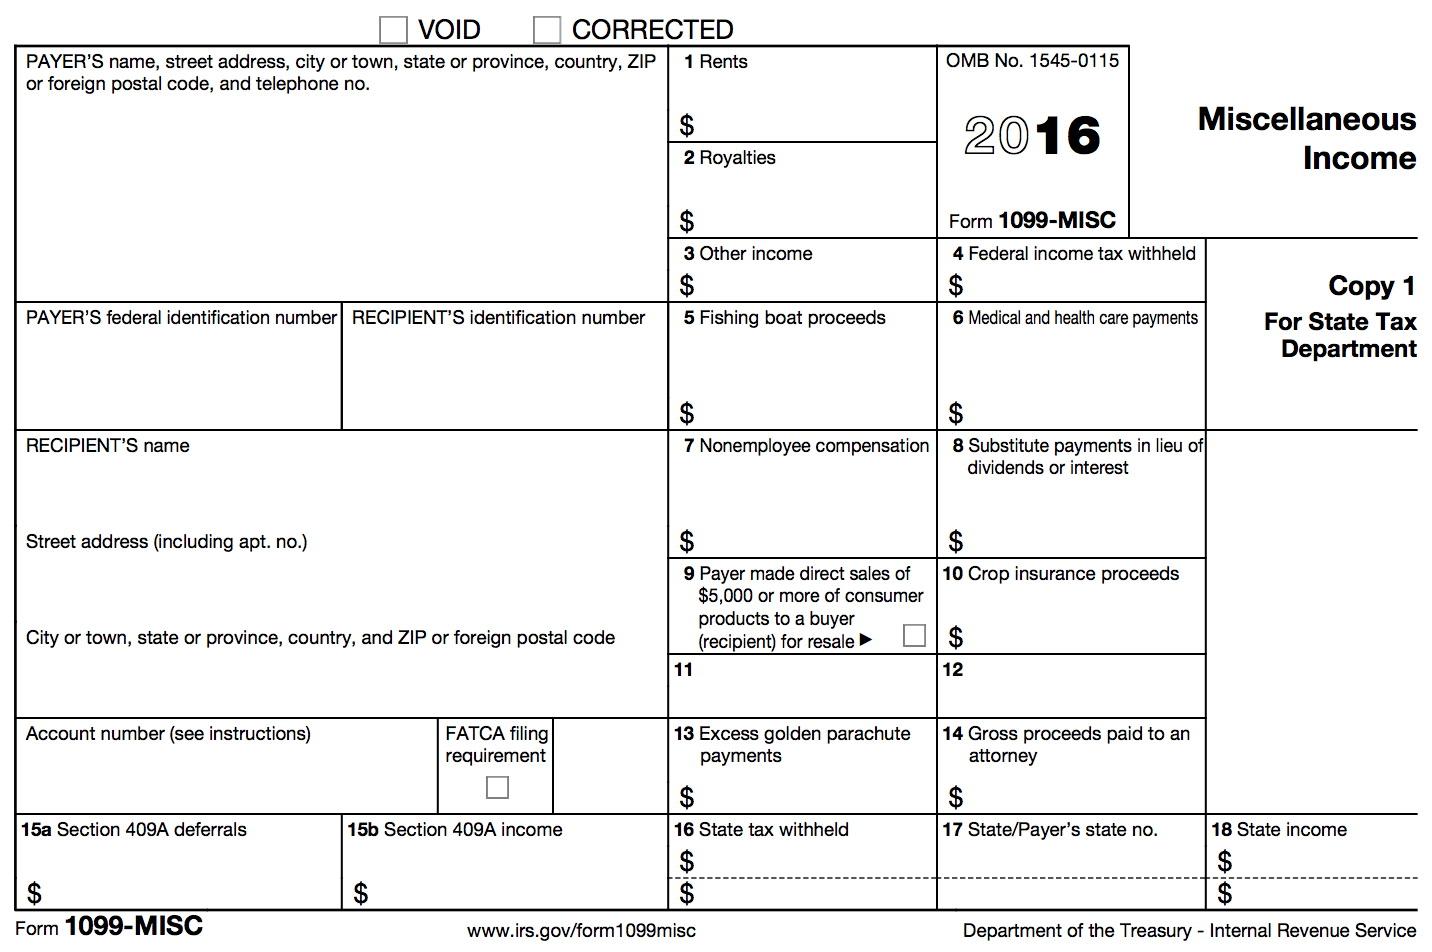 1099 Tax Form 2016